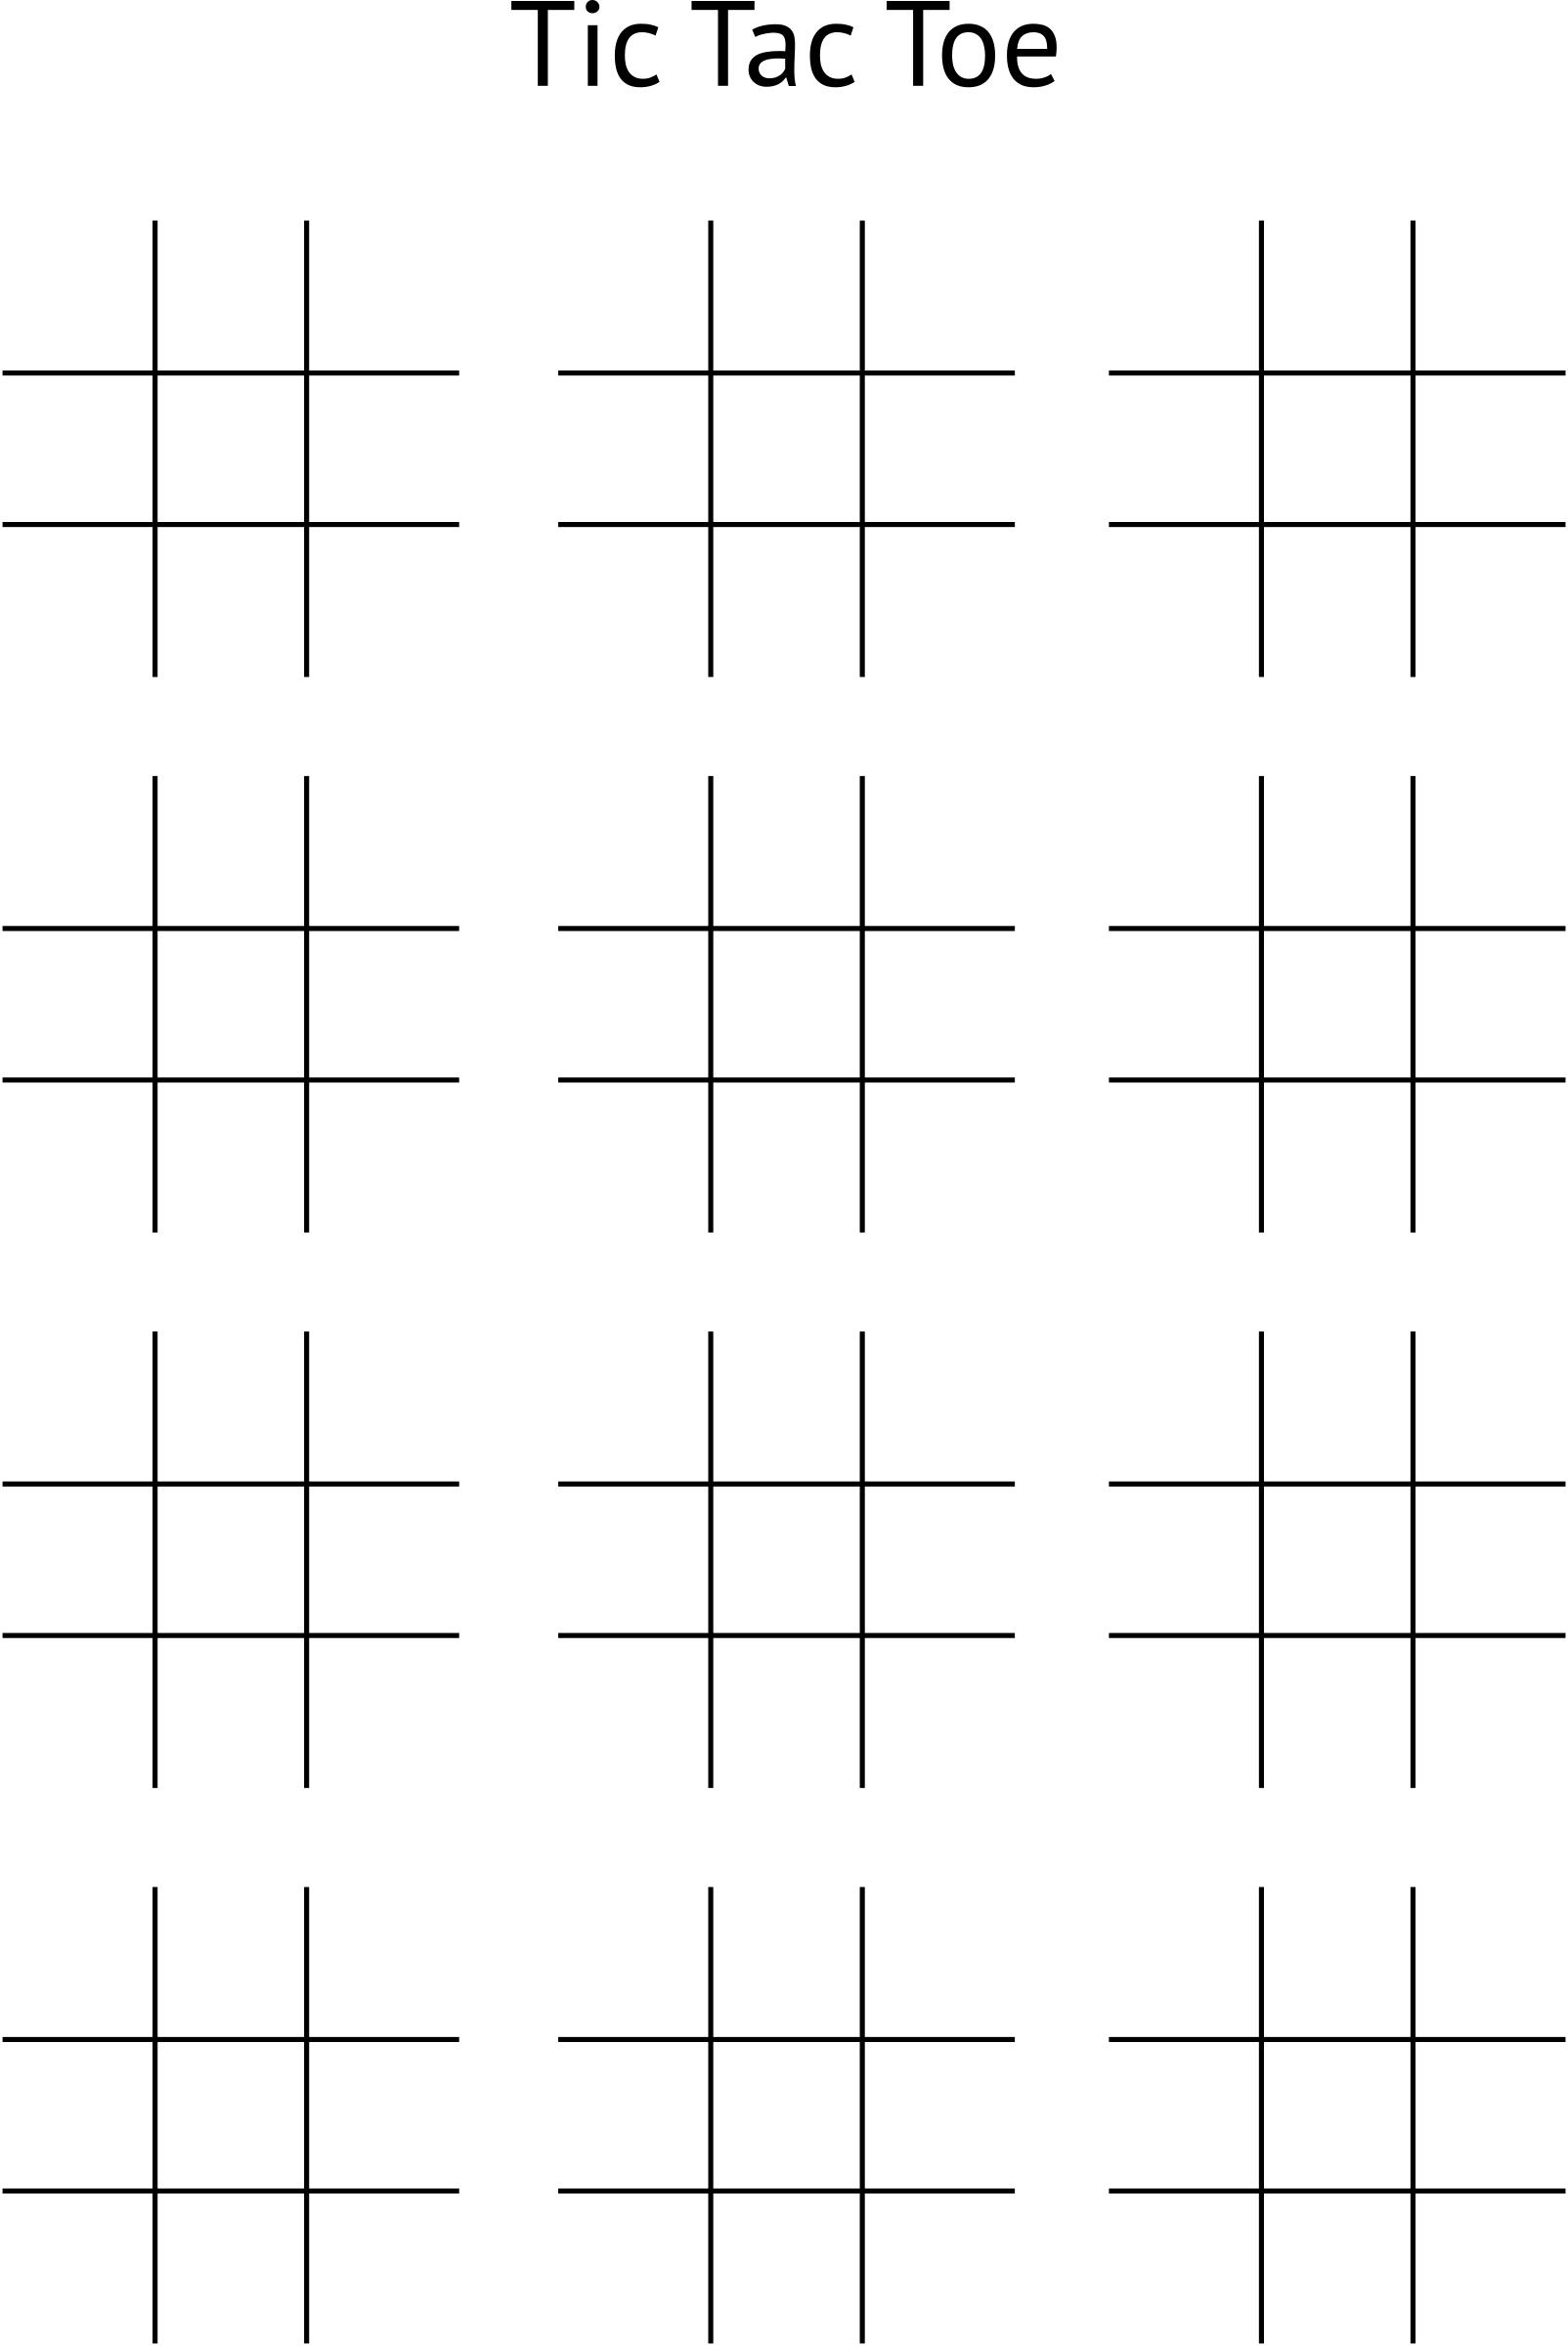 Clipart - Tic Tac Toe Board